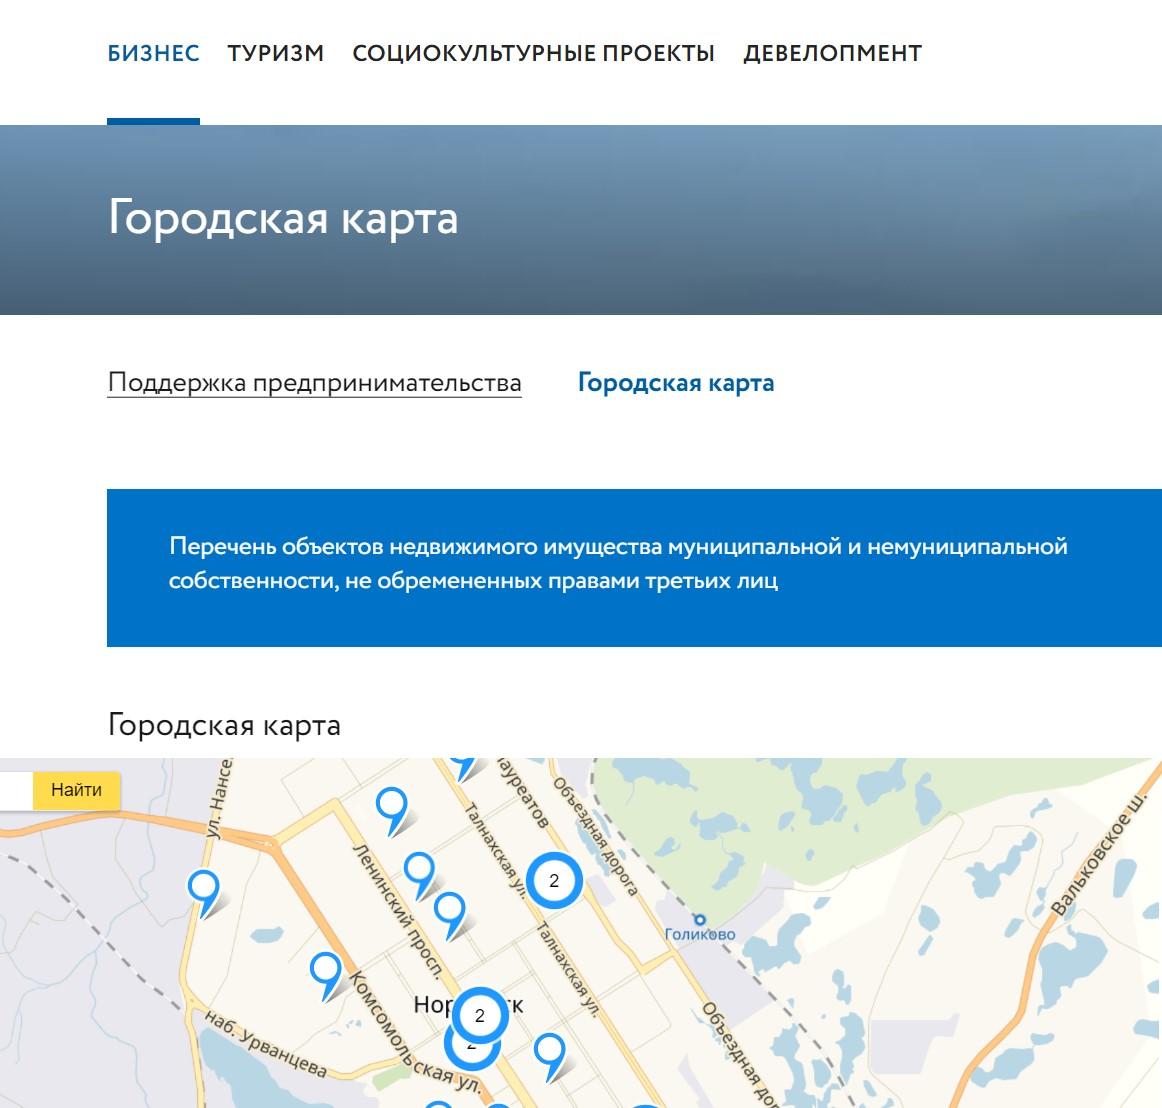 Карта объектов недвижимости на сайте АРН насчитывает около 100 адресов